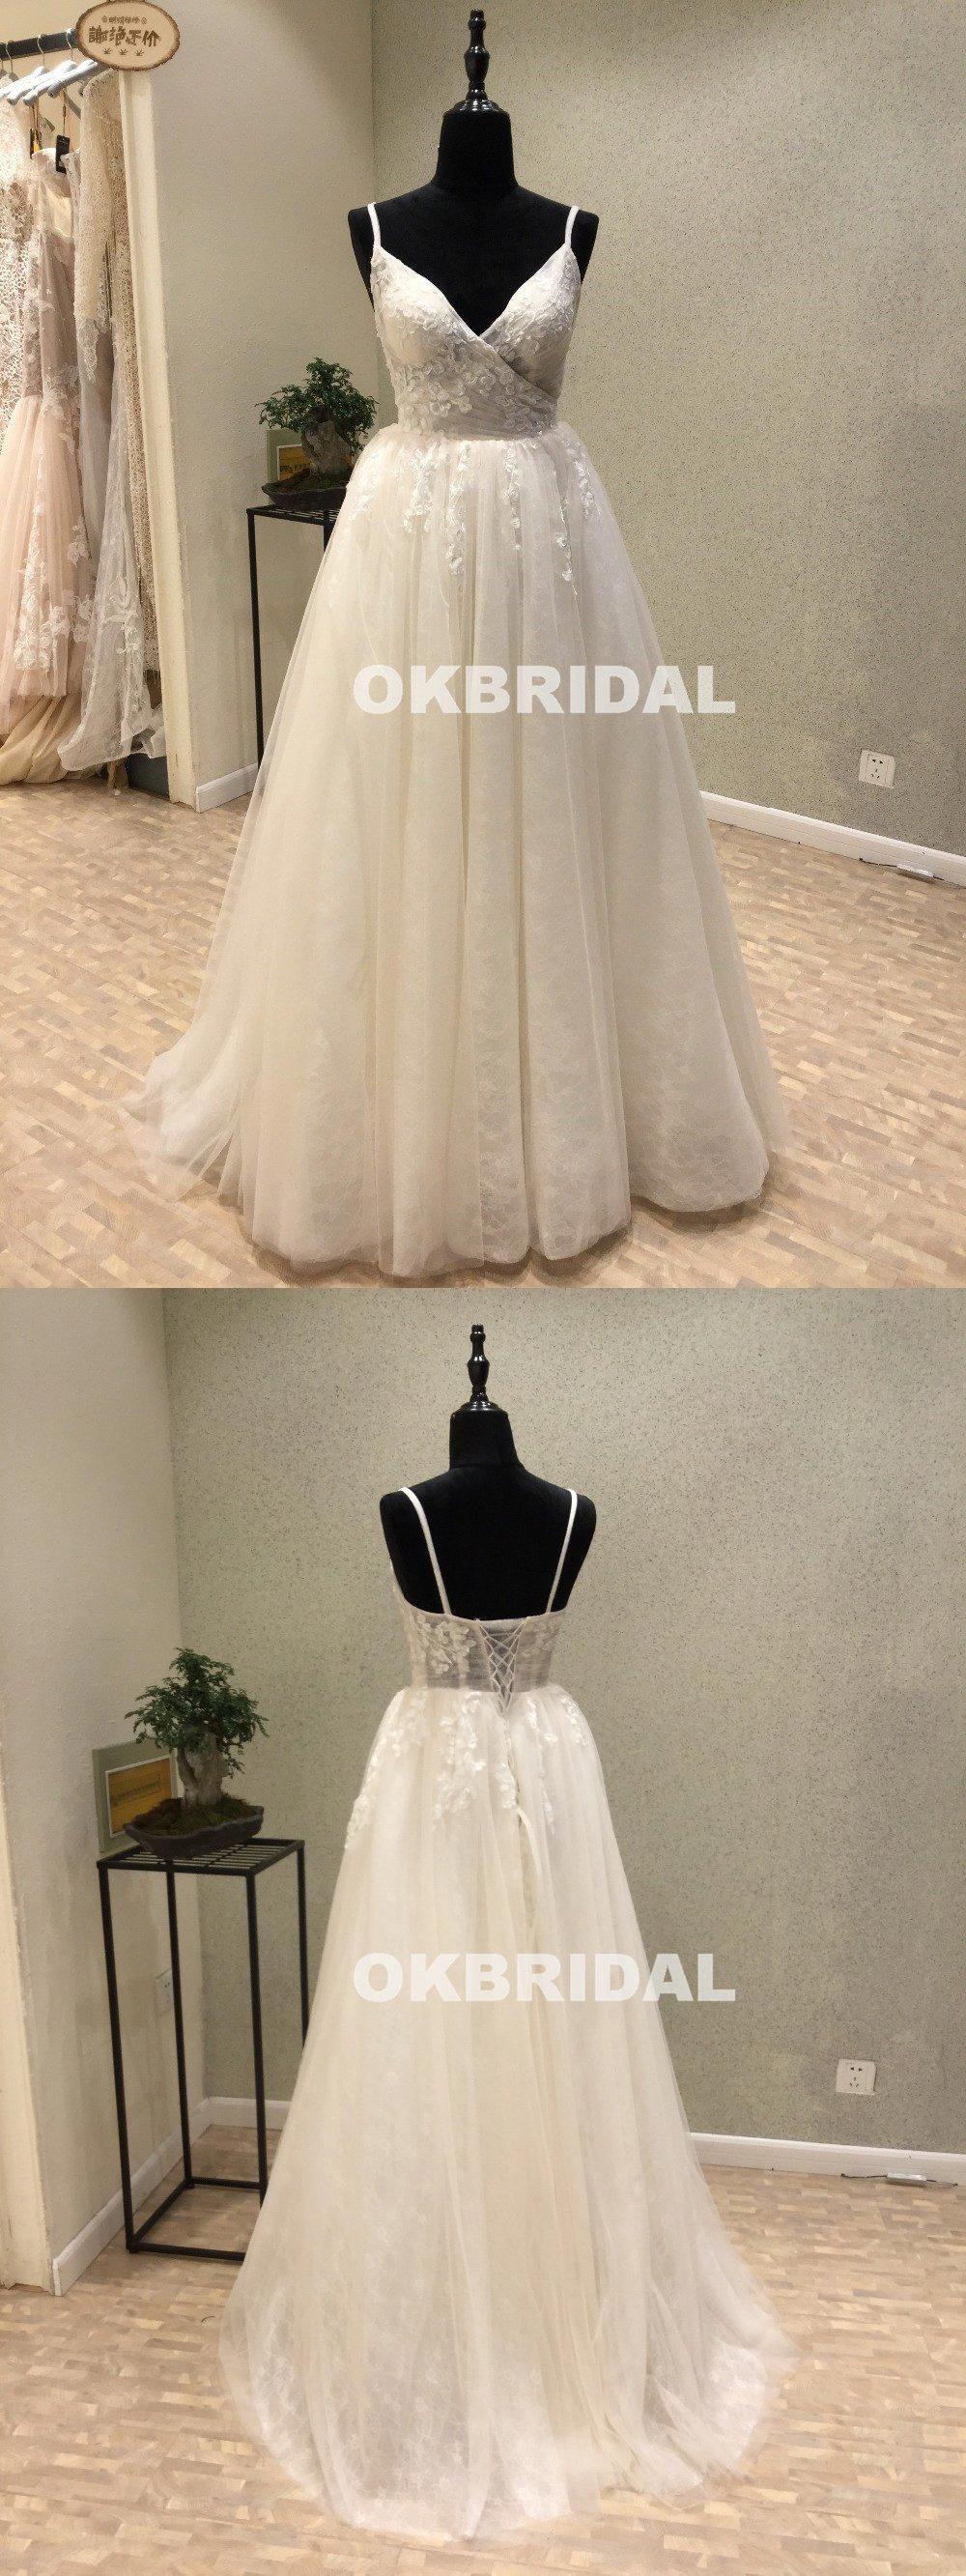 New arrival lace vneck wedding dresses aline backless applique